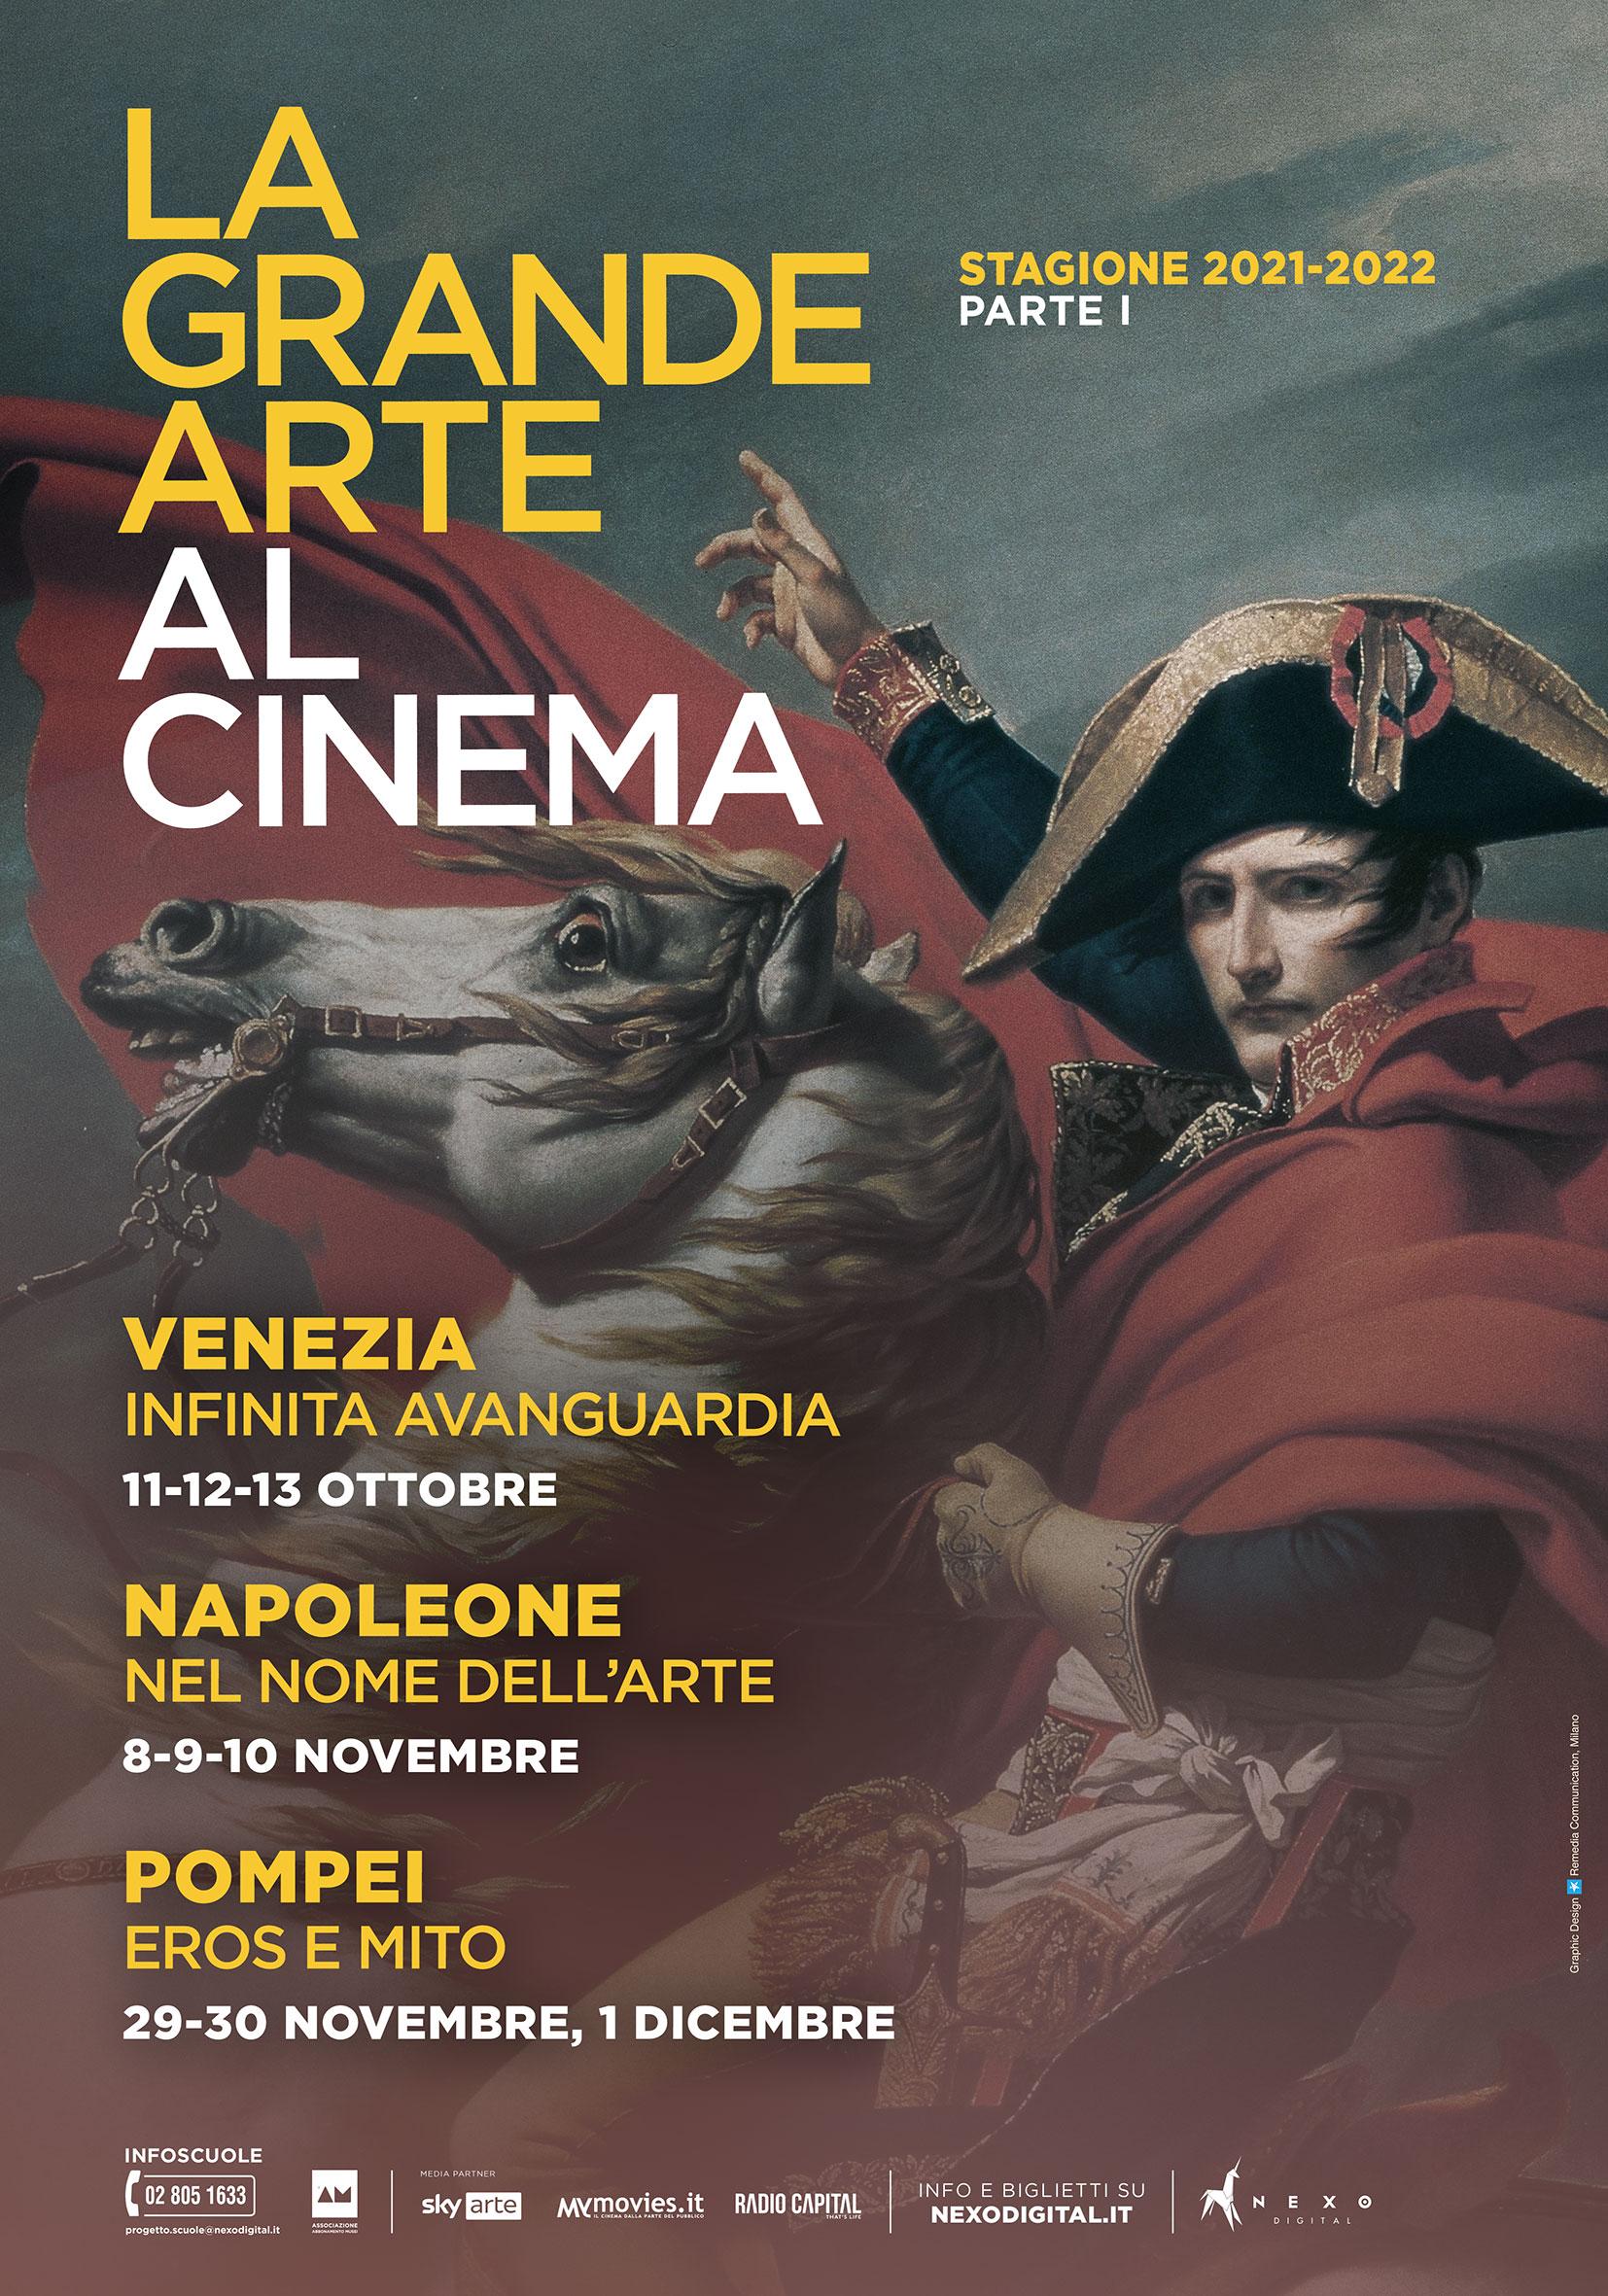 La Grande Arte al Cinema torna con Venezia, Napoleone e Pompei